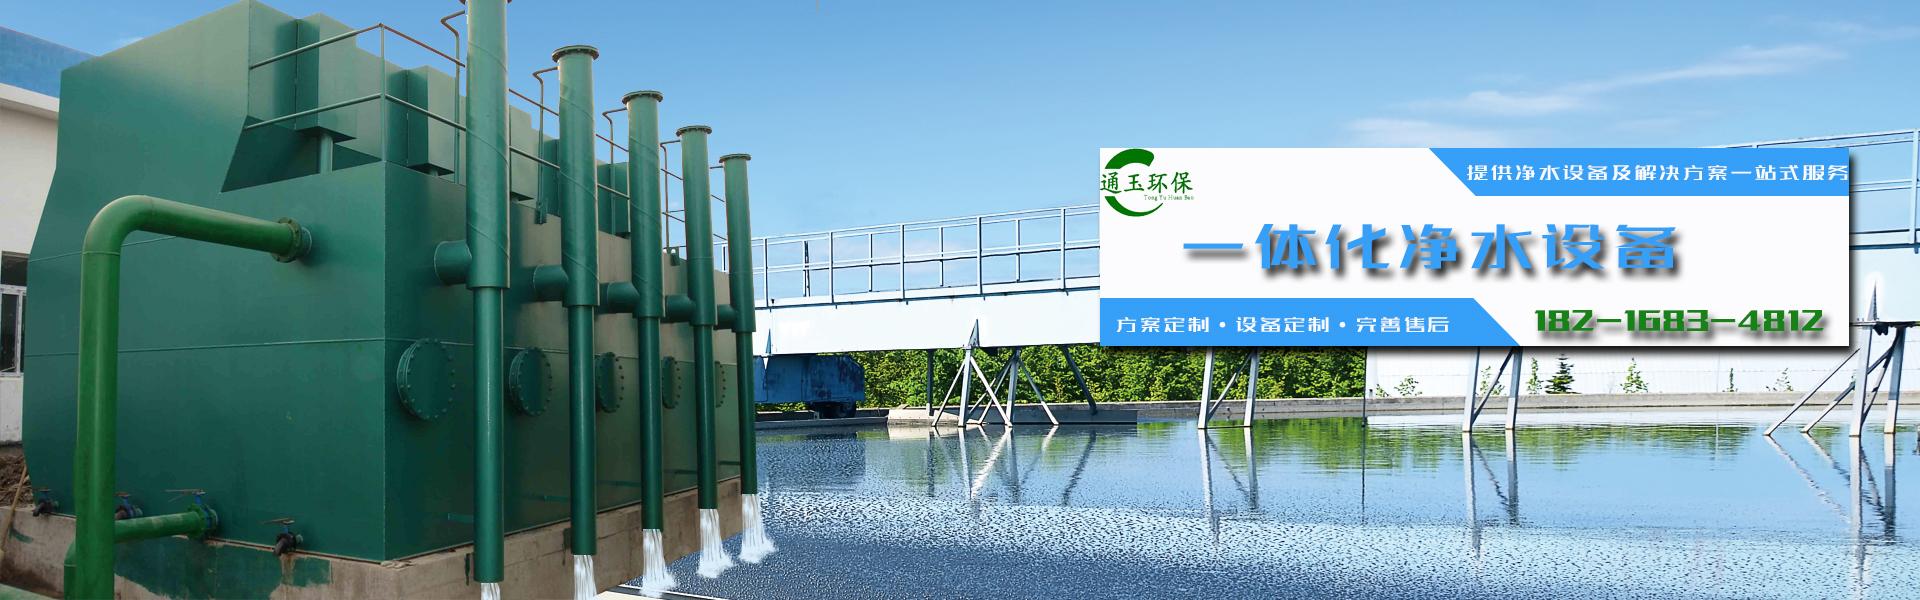 贵州污水处理设备